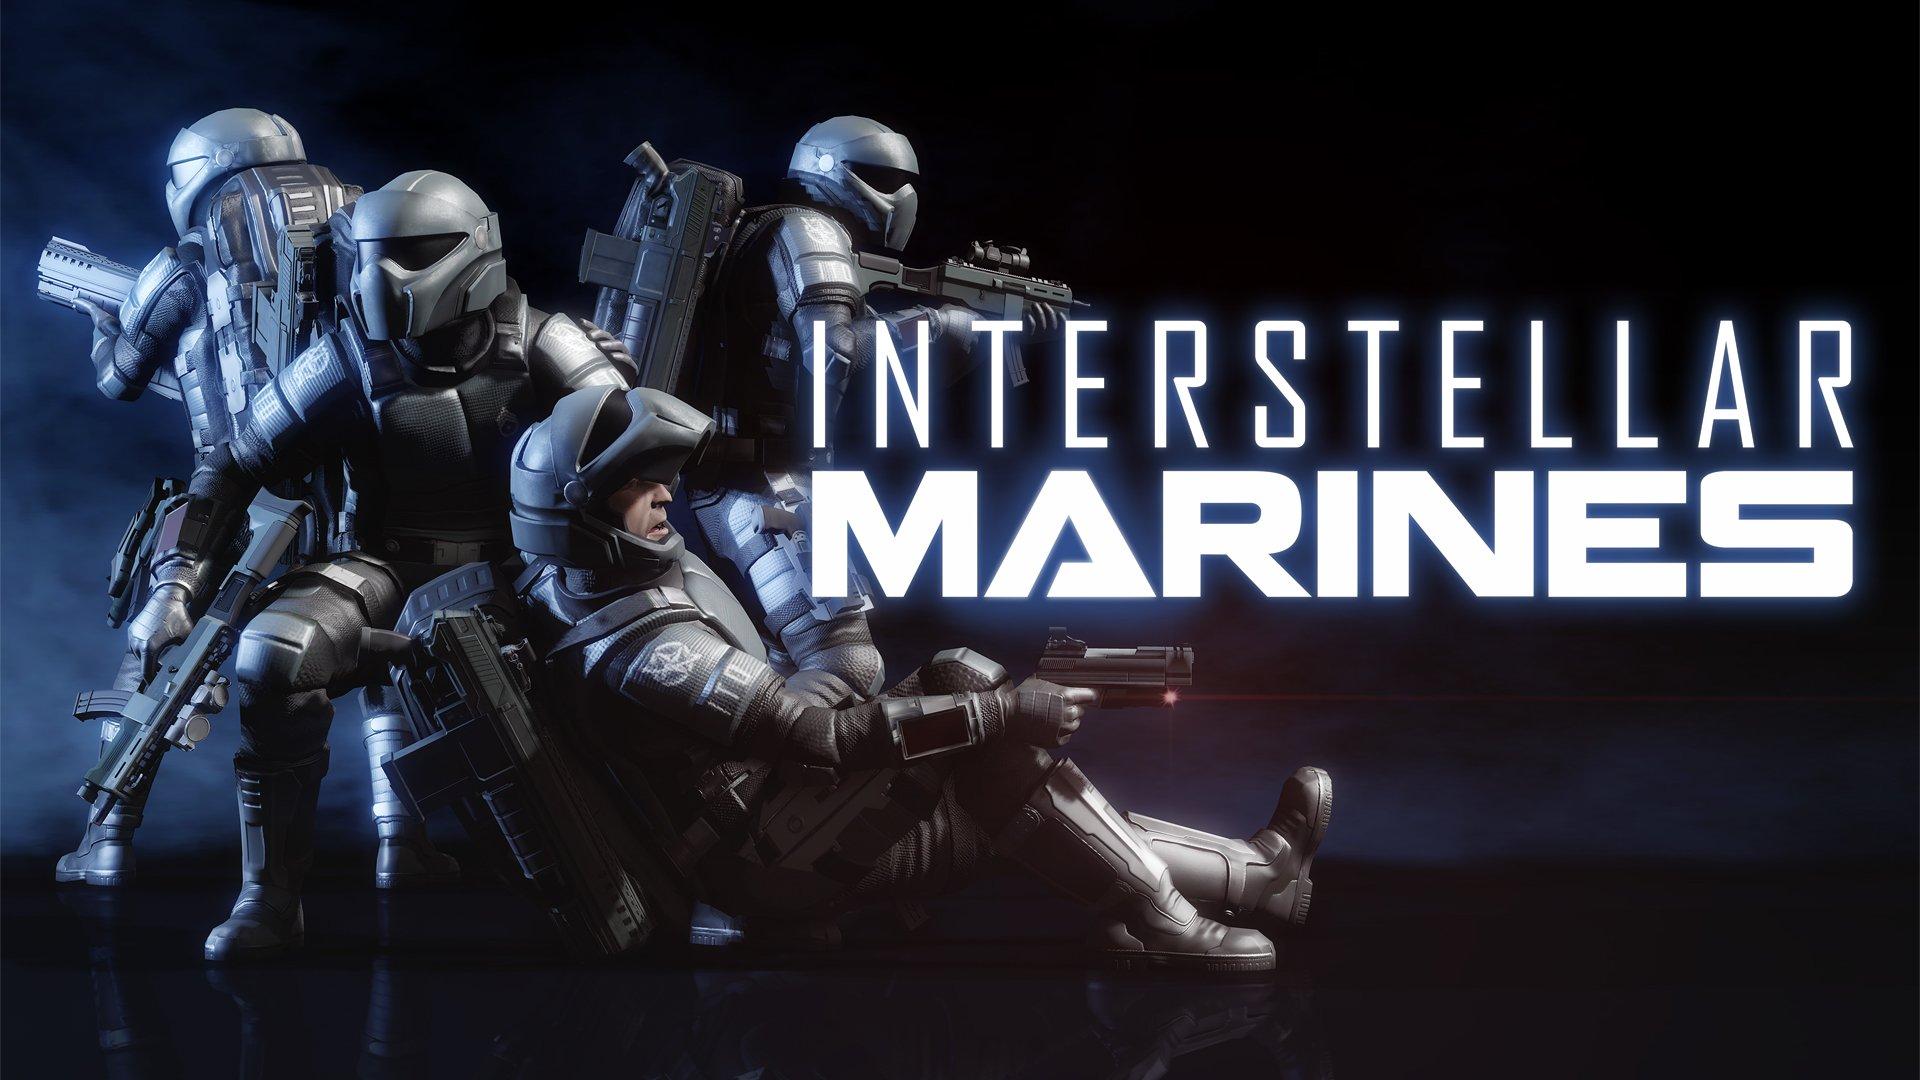 Interstellar marines: забытые в космосе. - Изображение 1